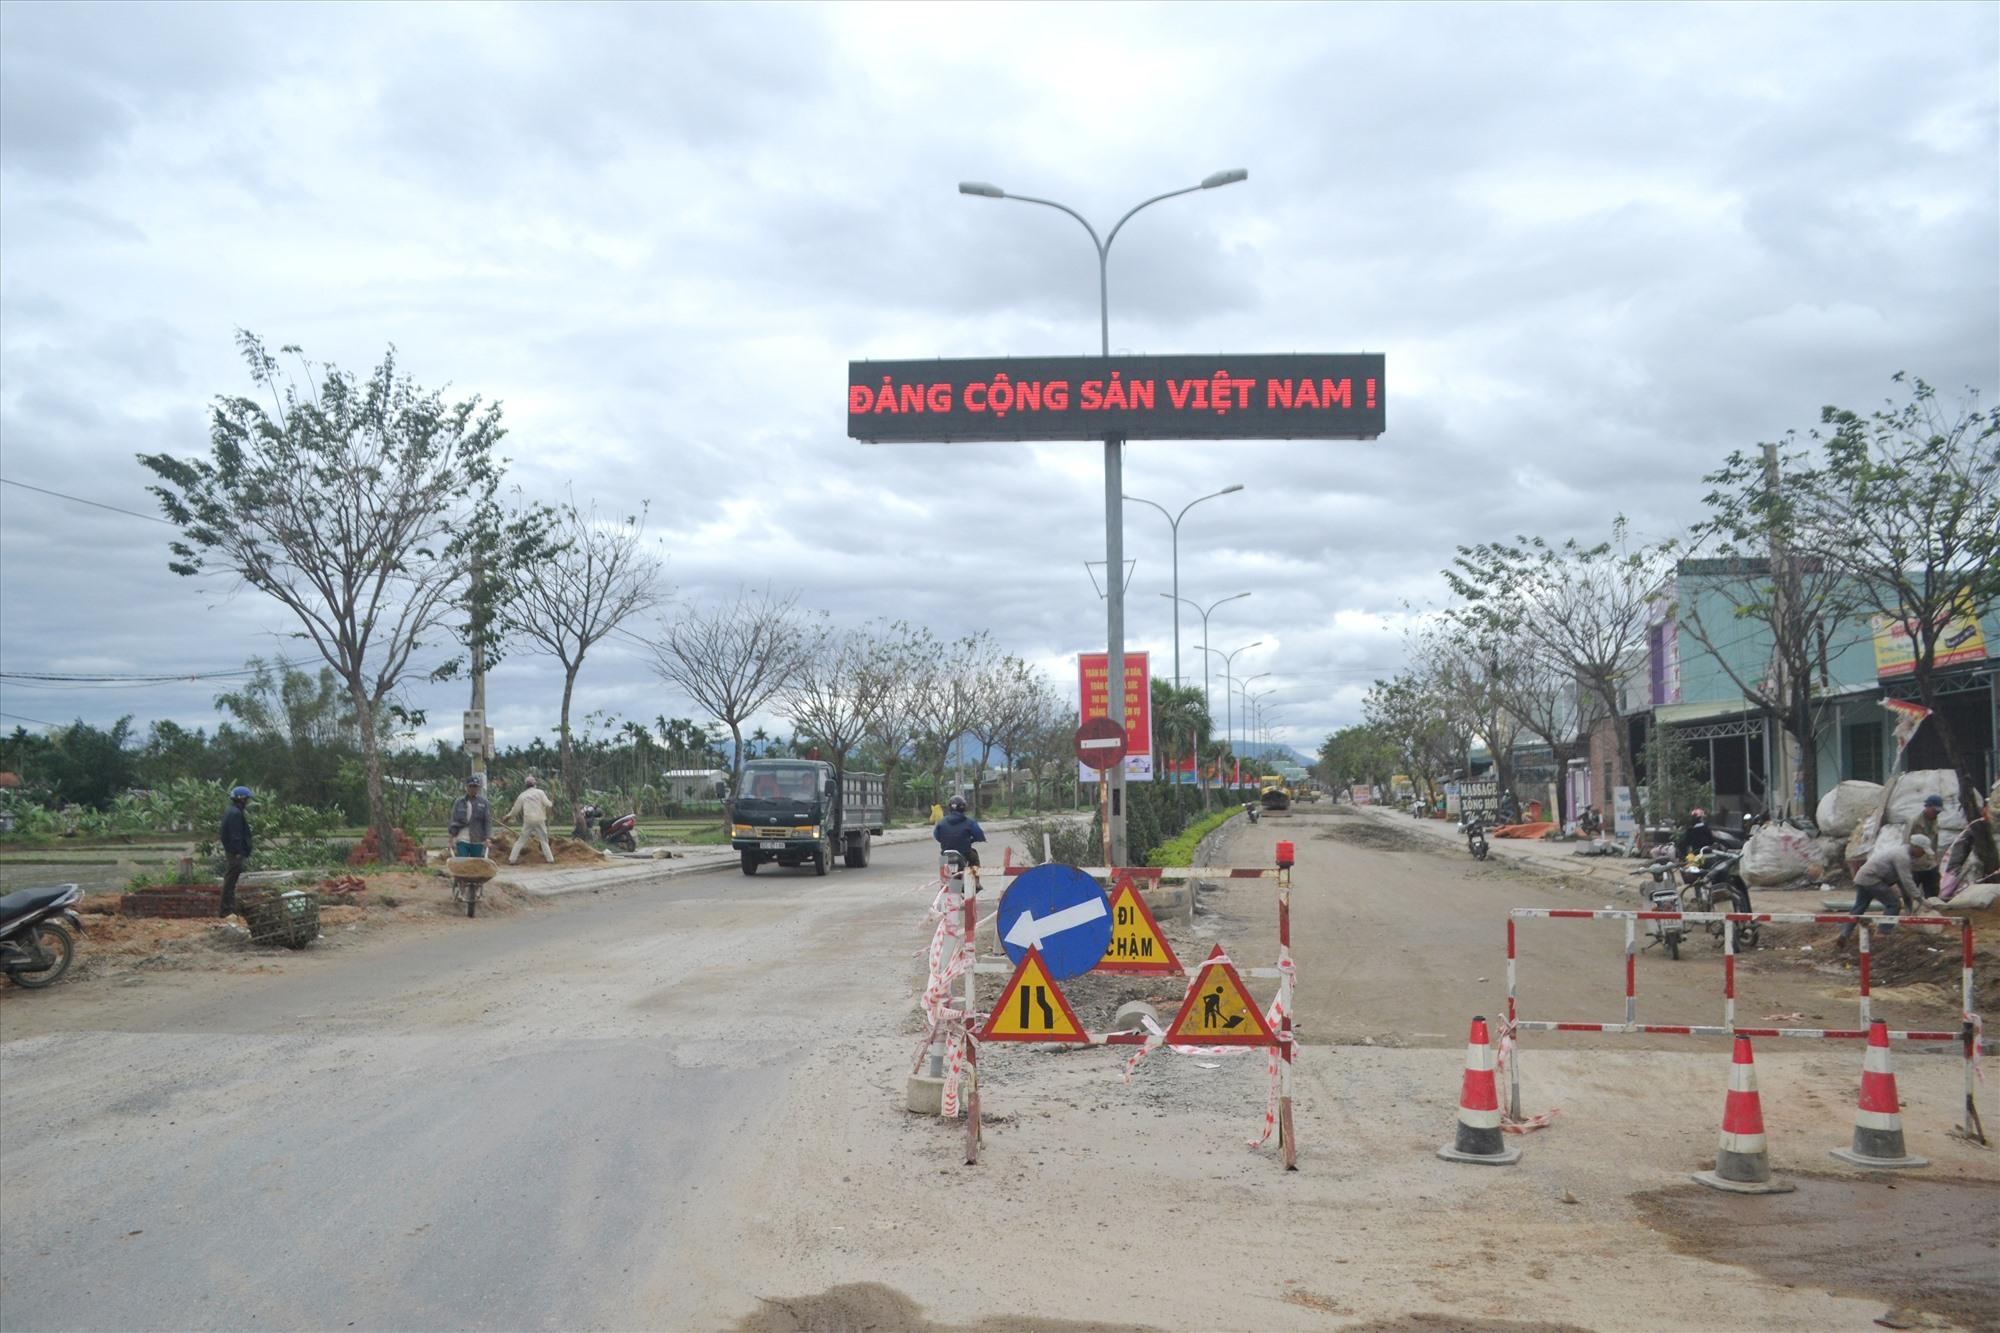 Vị trí sửa chữa là đoạn đường đôi, giáp ranh giữa thị xã Điện Bàn lên địa phận thị trấn Ái Nghĩa của huyện Đại Lộc. Ảnh: CT